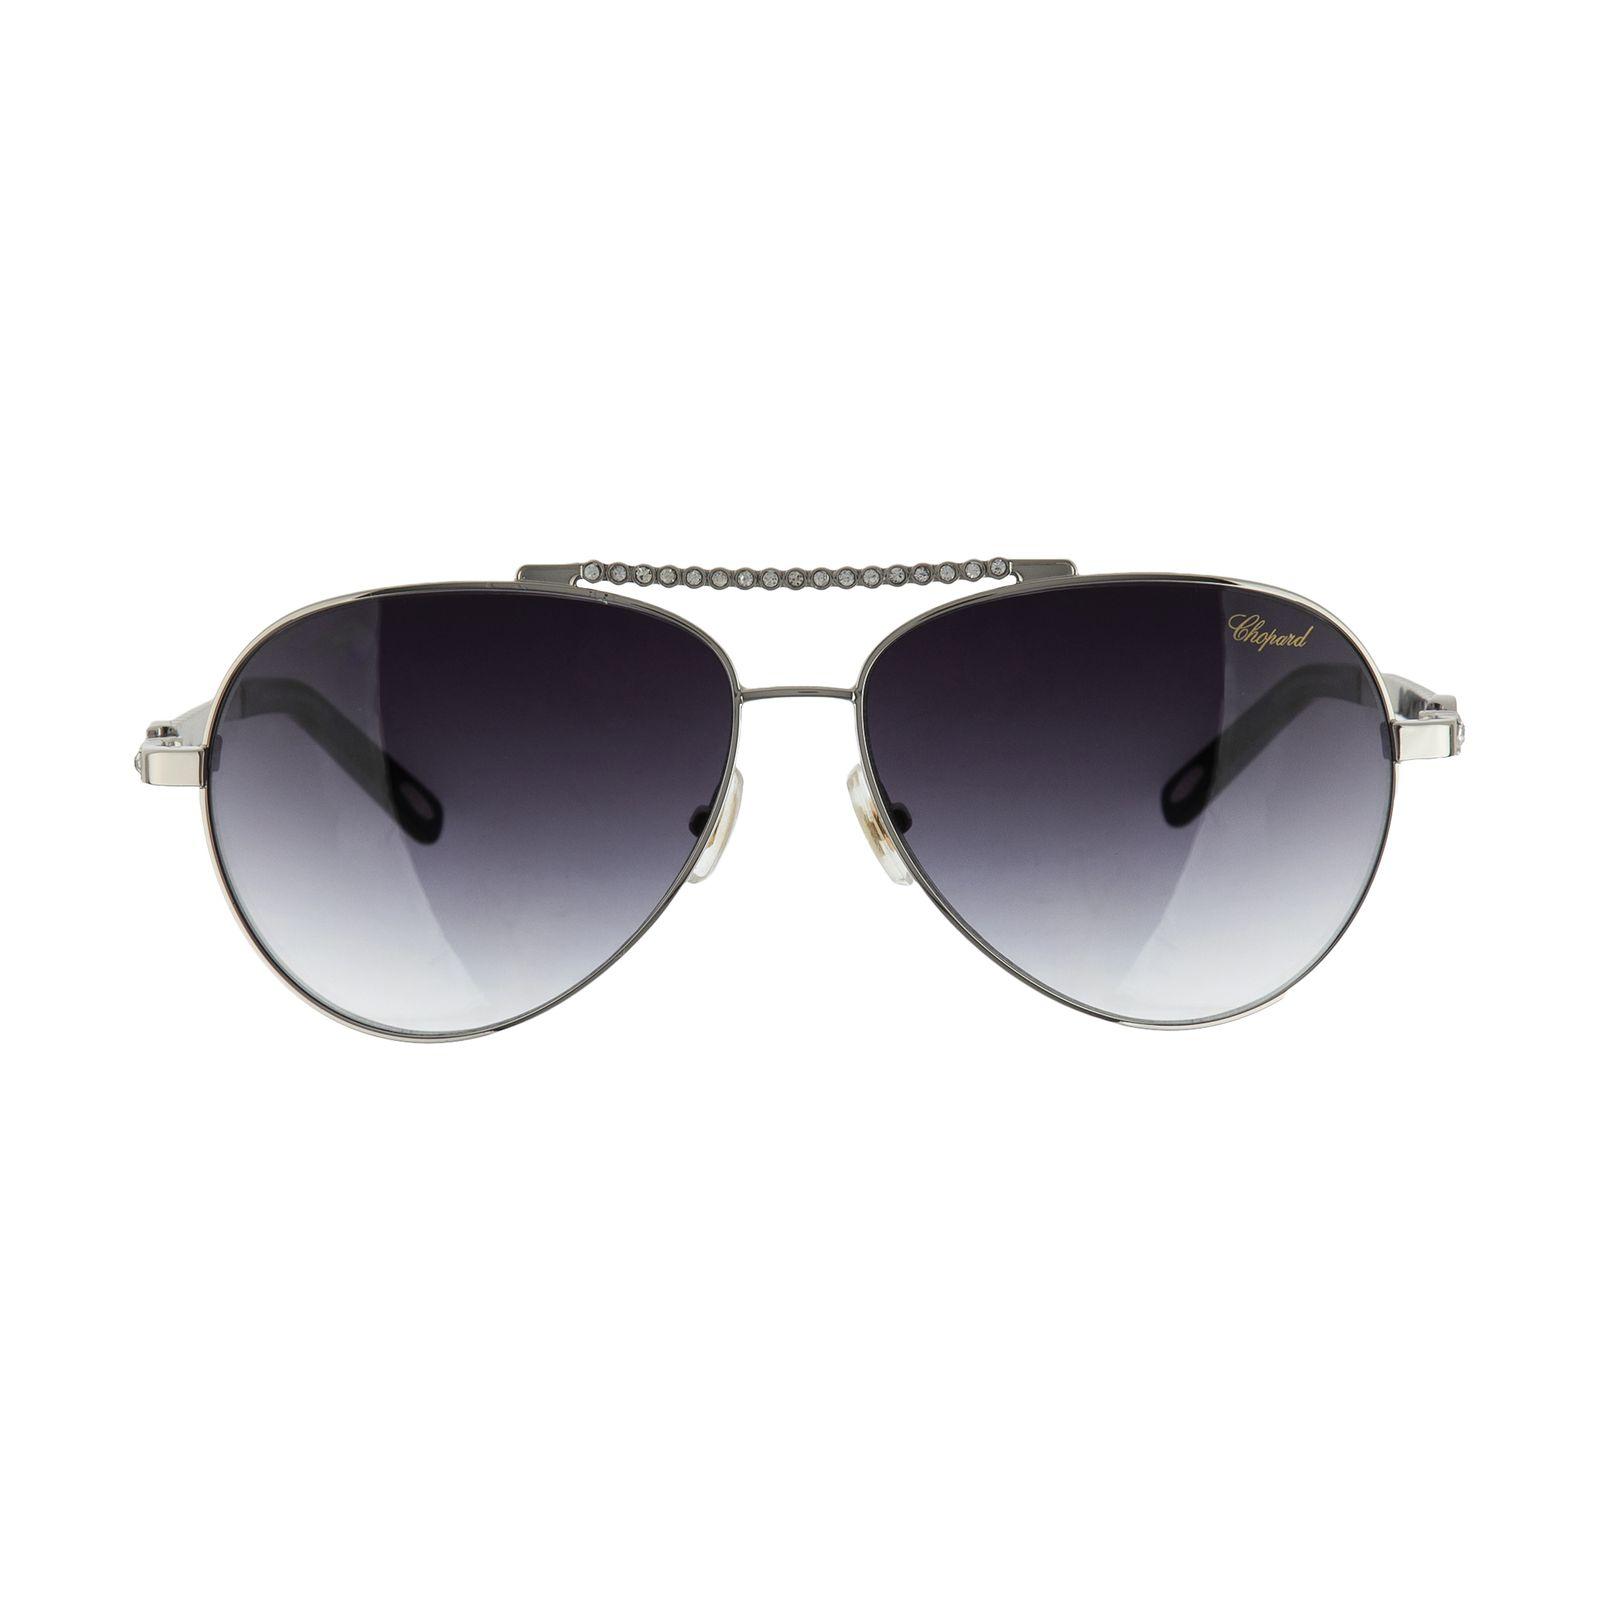 عینک آفتابی زنانه شوپارد مدل 58 -  - 2